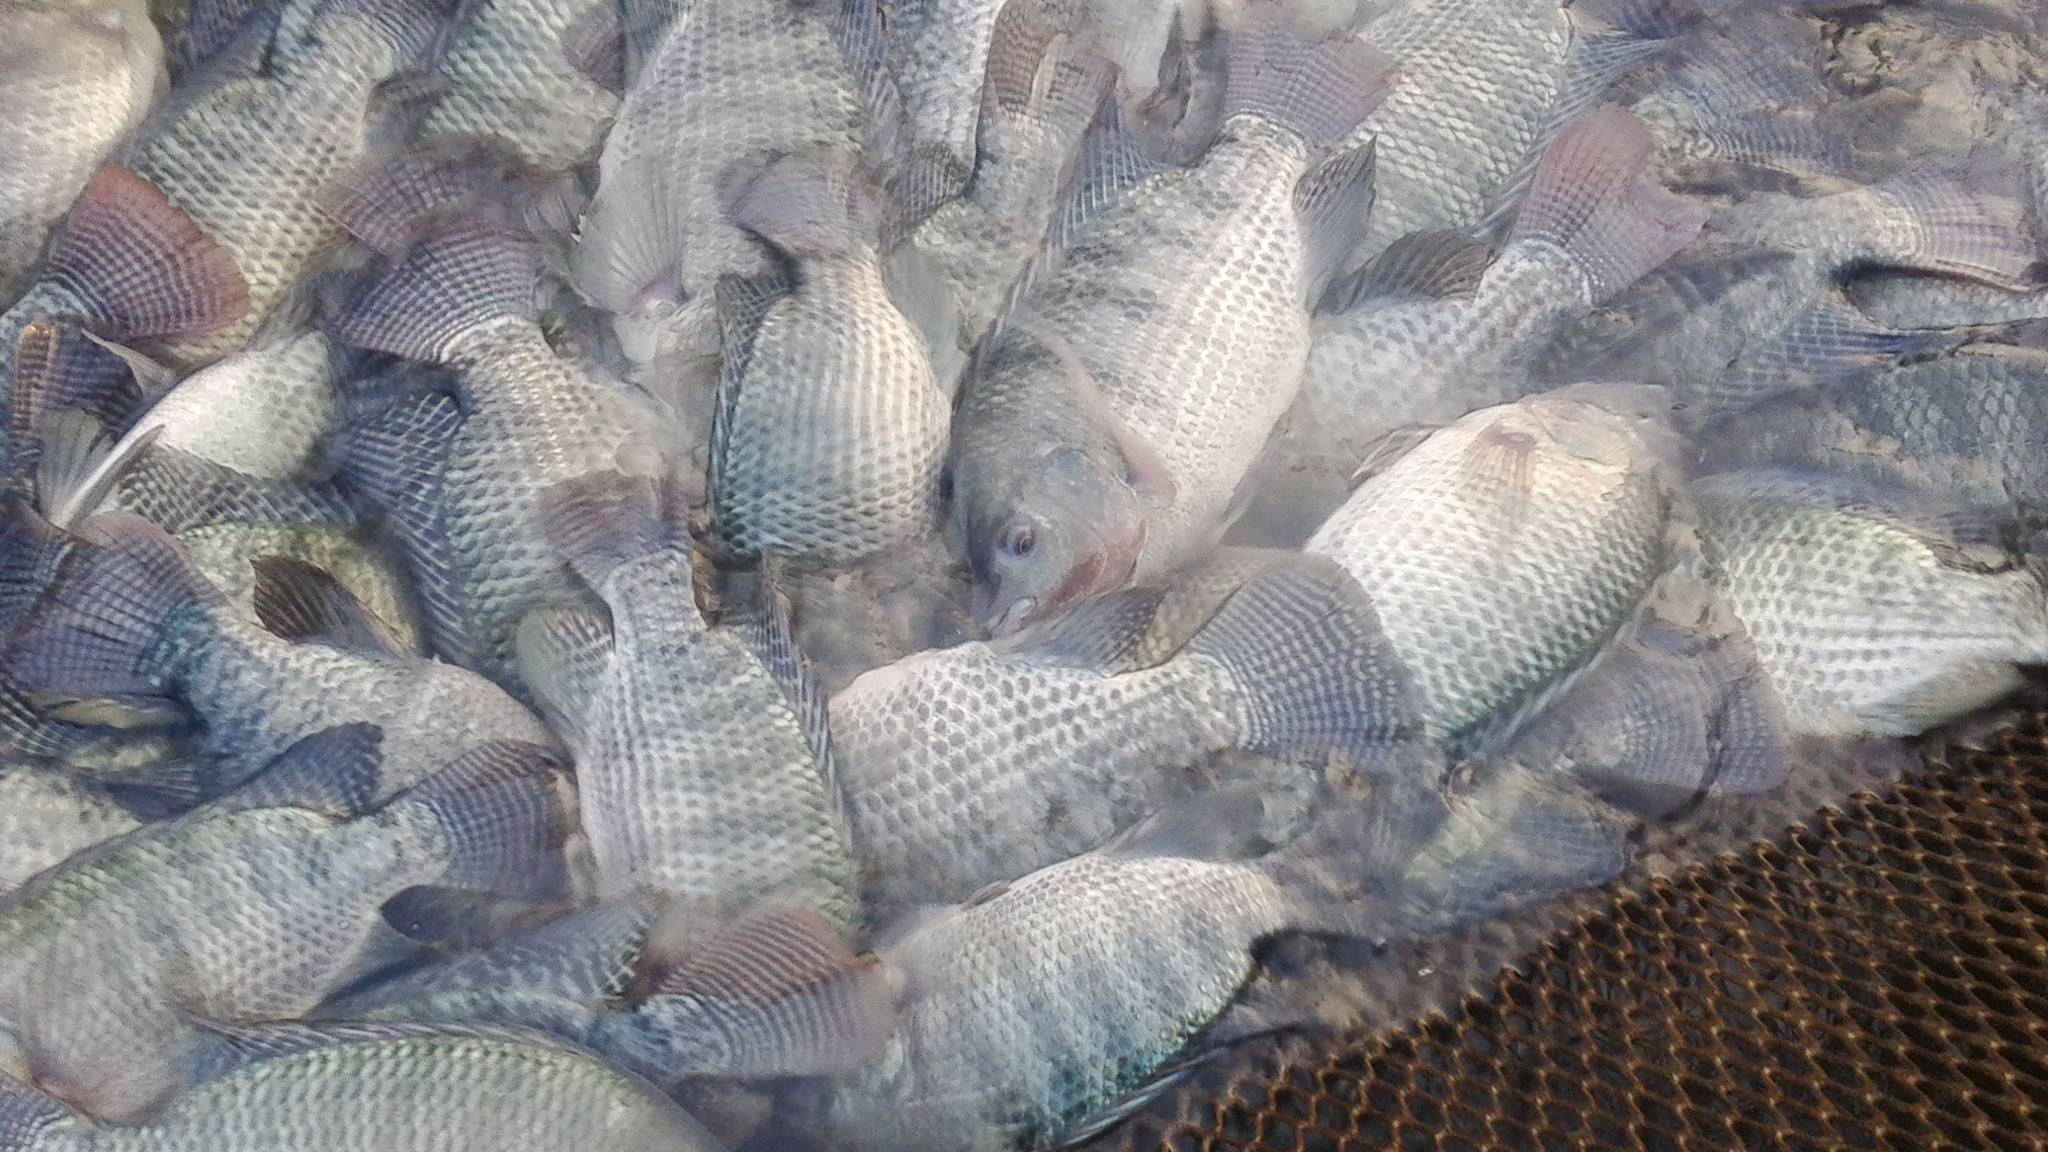 môi trường sống của cá rô phi